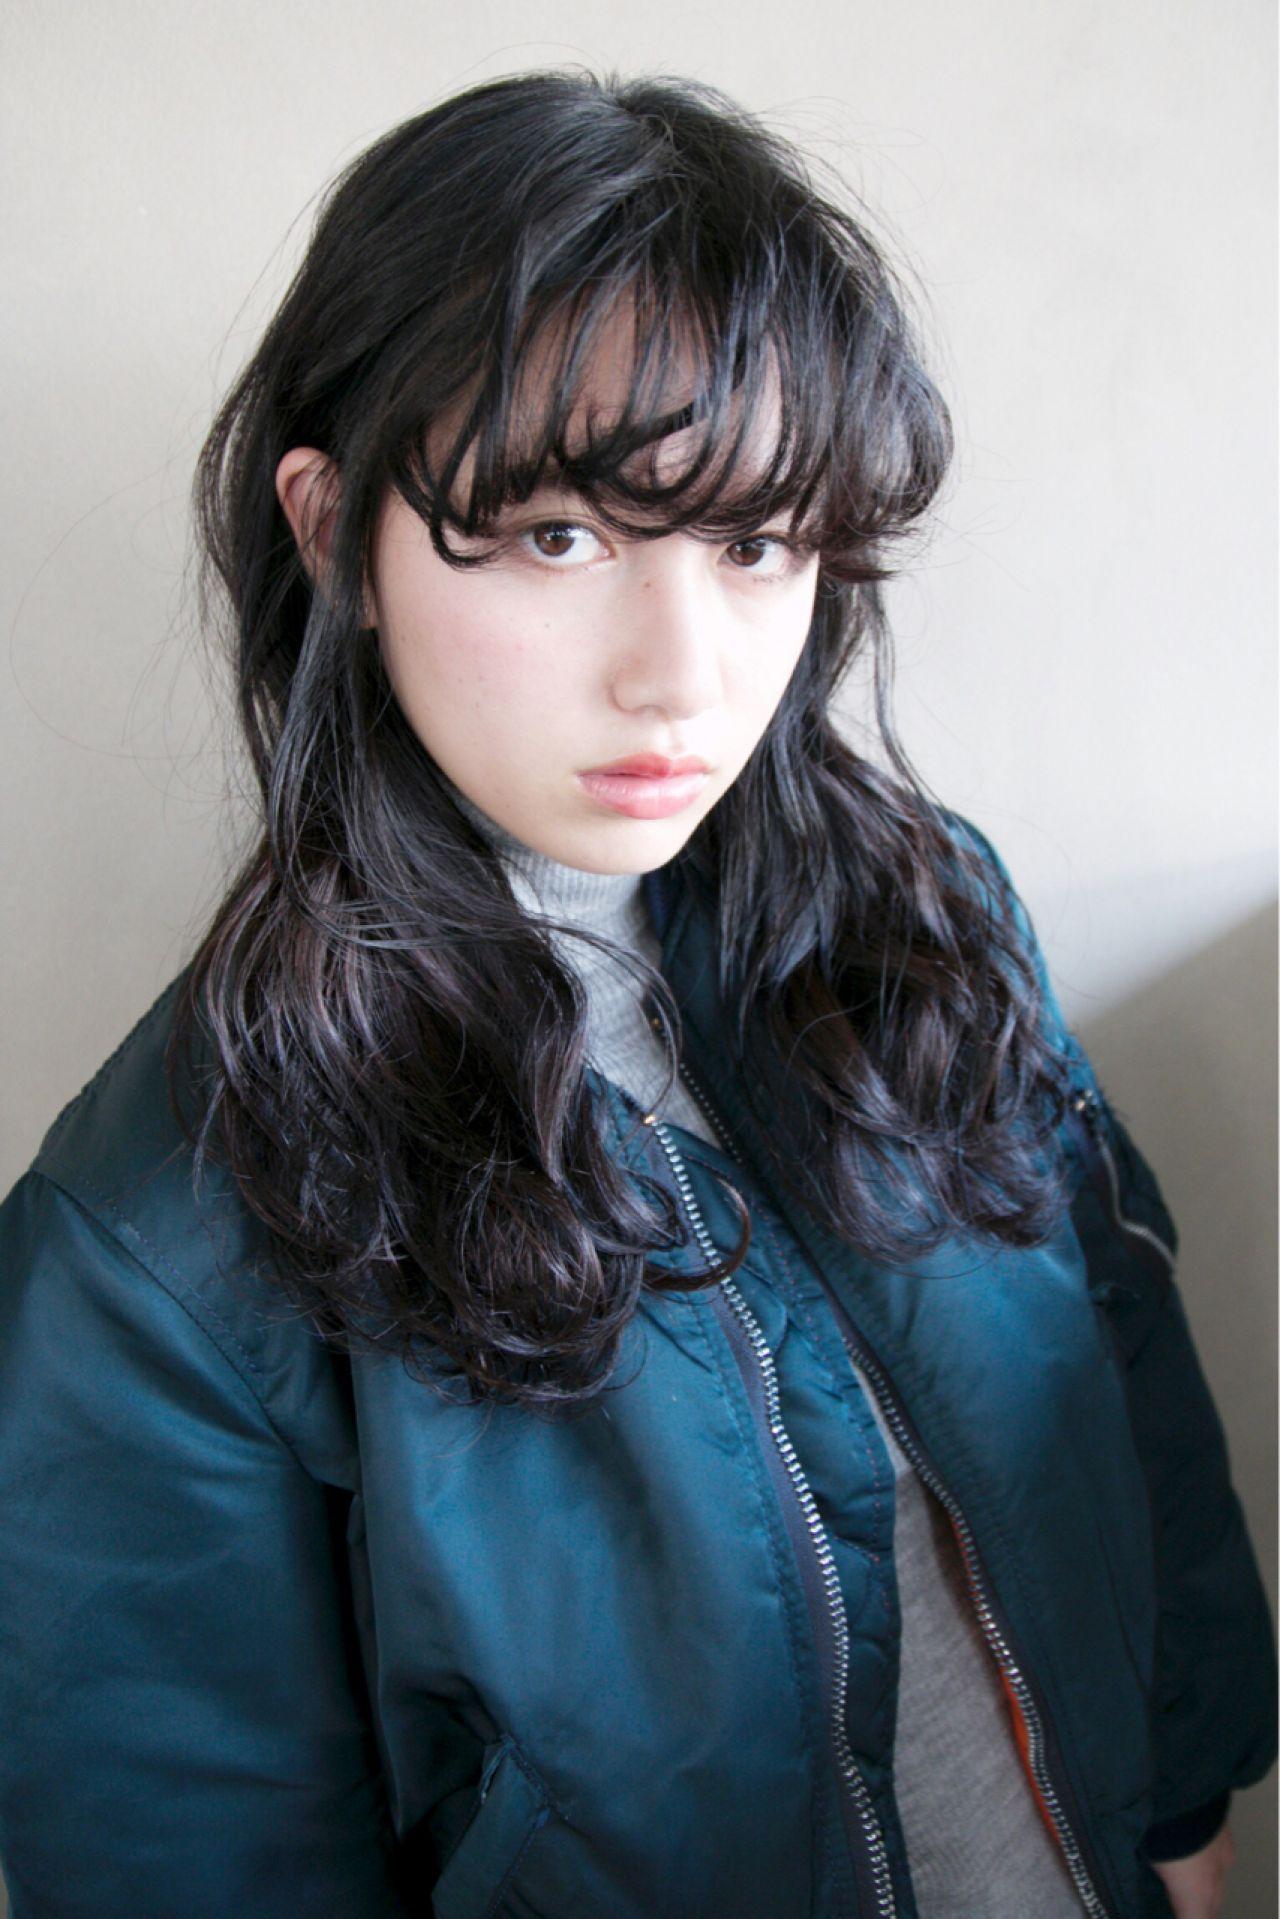 黒髪ウェーブロング : とにかく黒髪!かわいいヘアスタイルまとめ